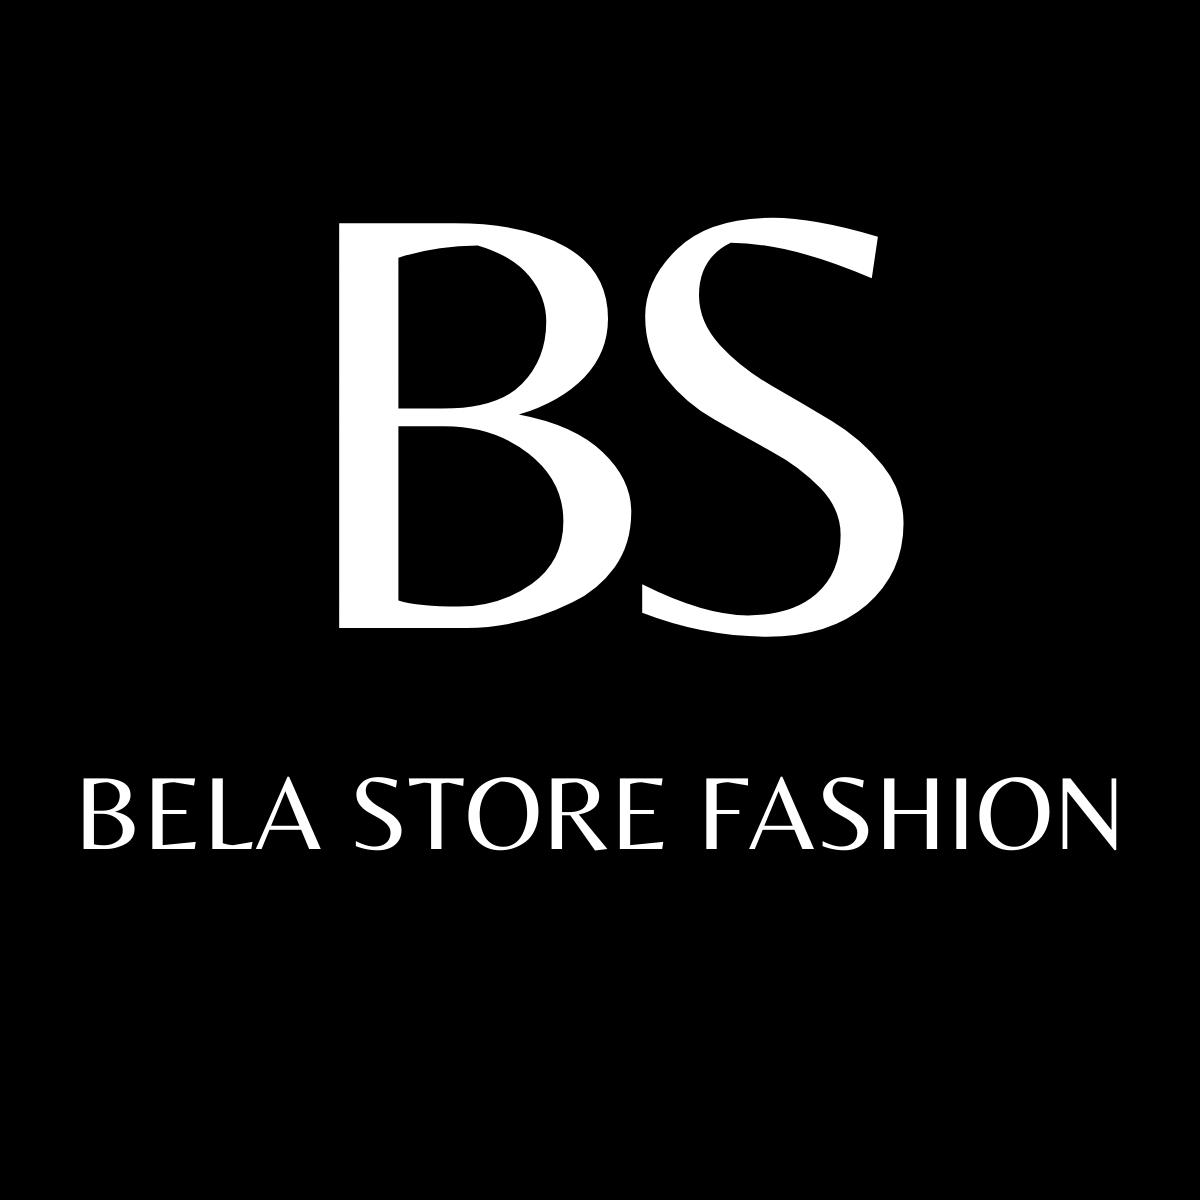 Bela Store Fashion